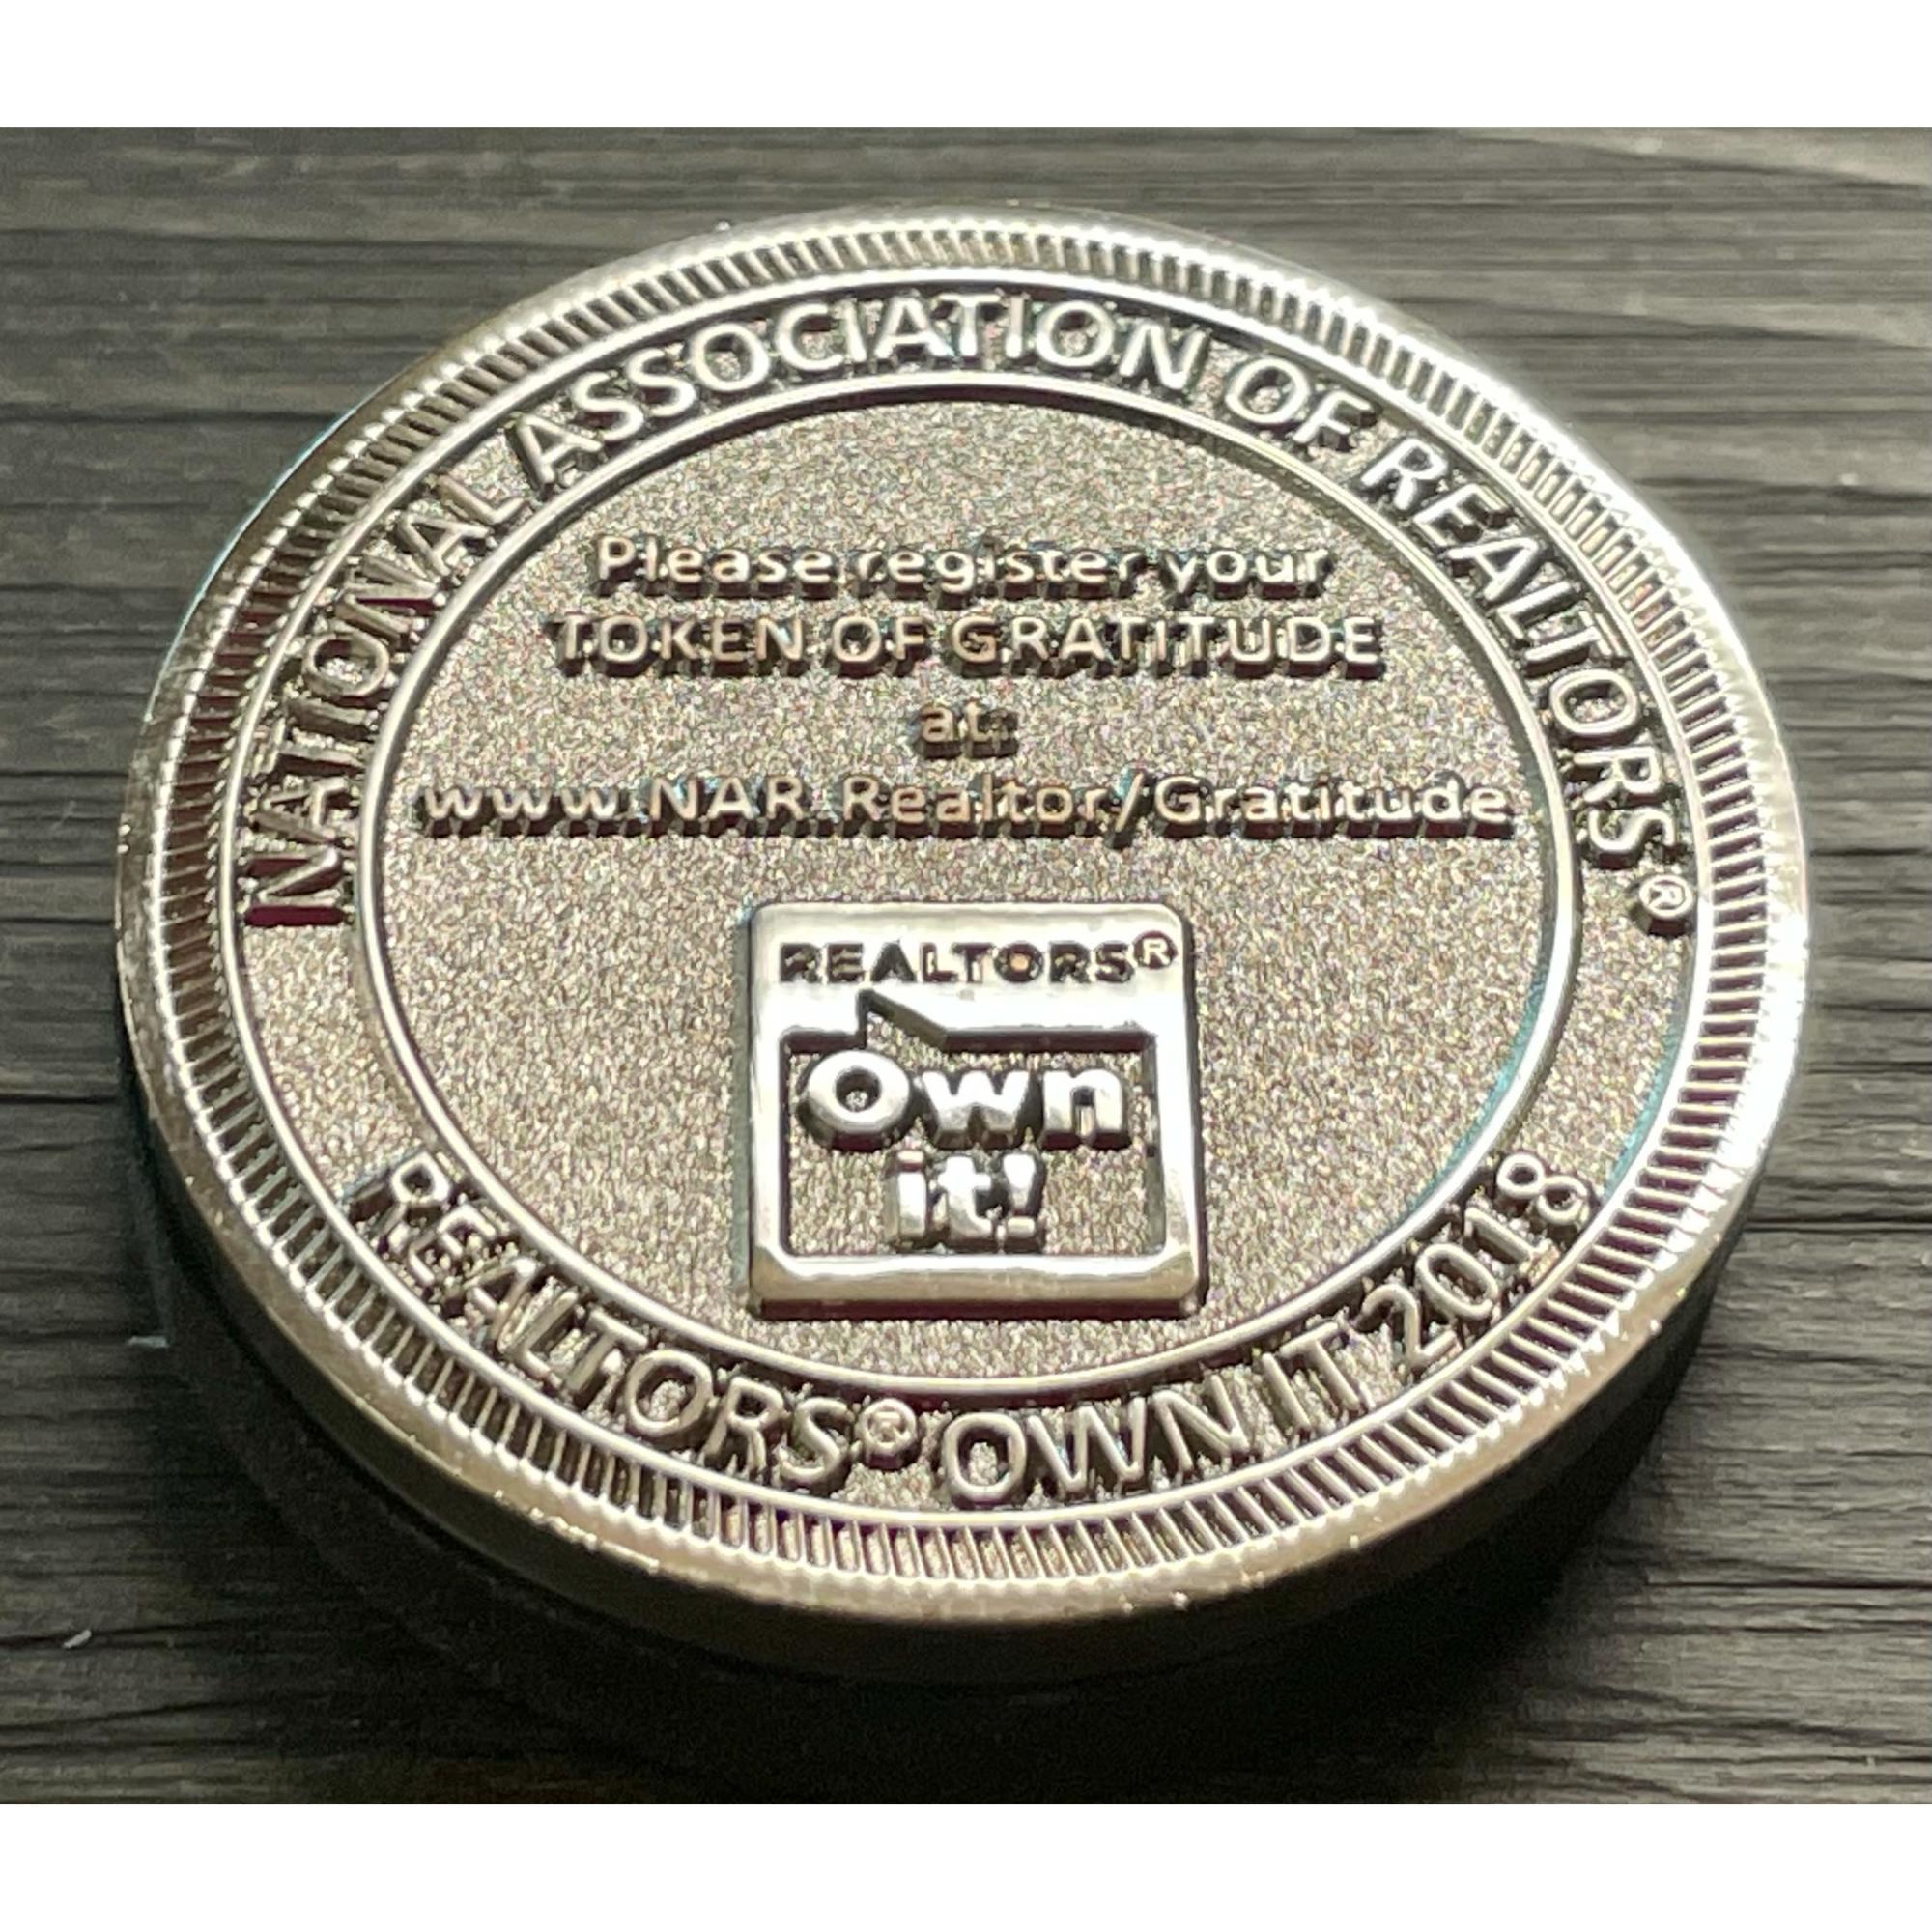 REALTOR® Own It! Gratitude Coin